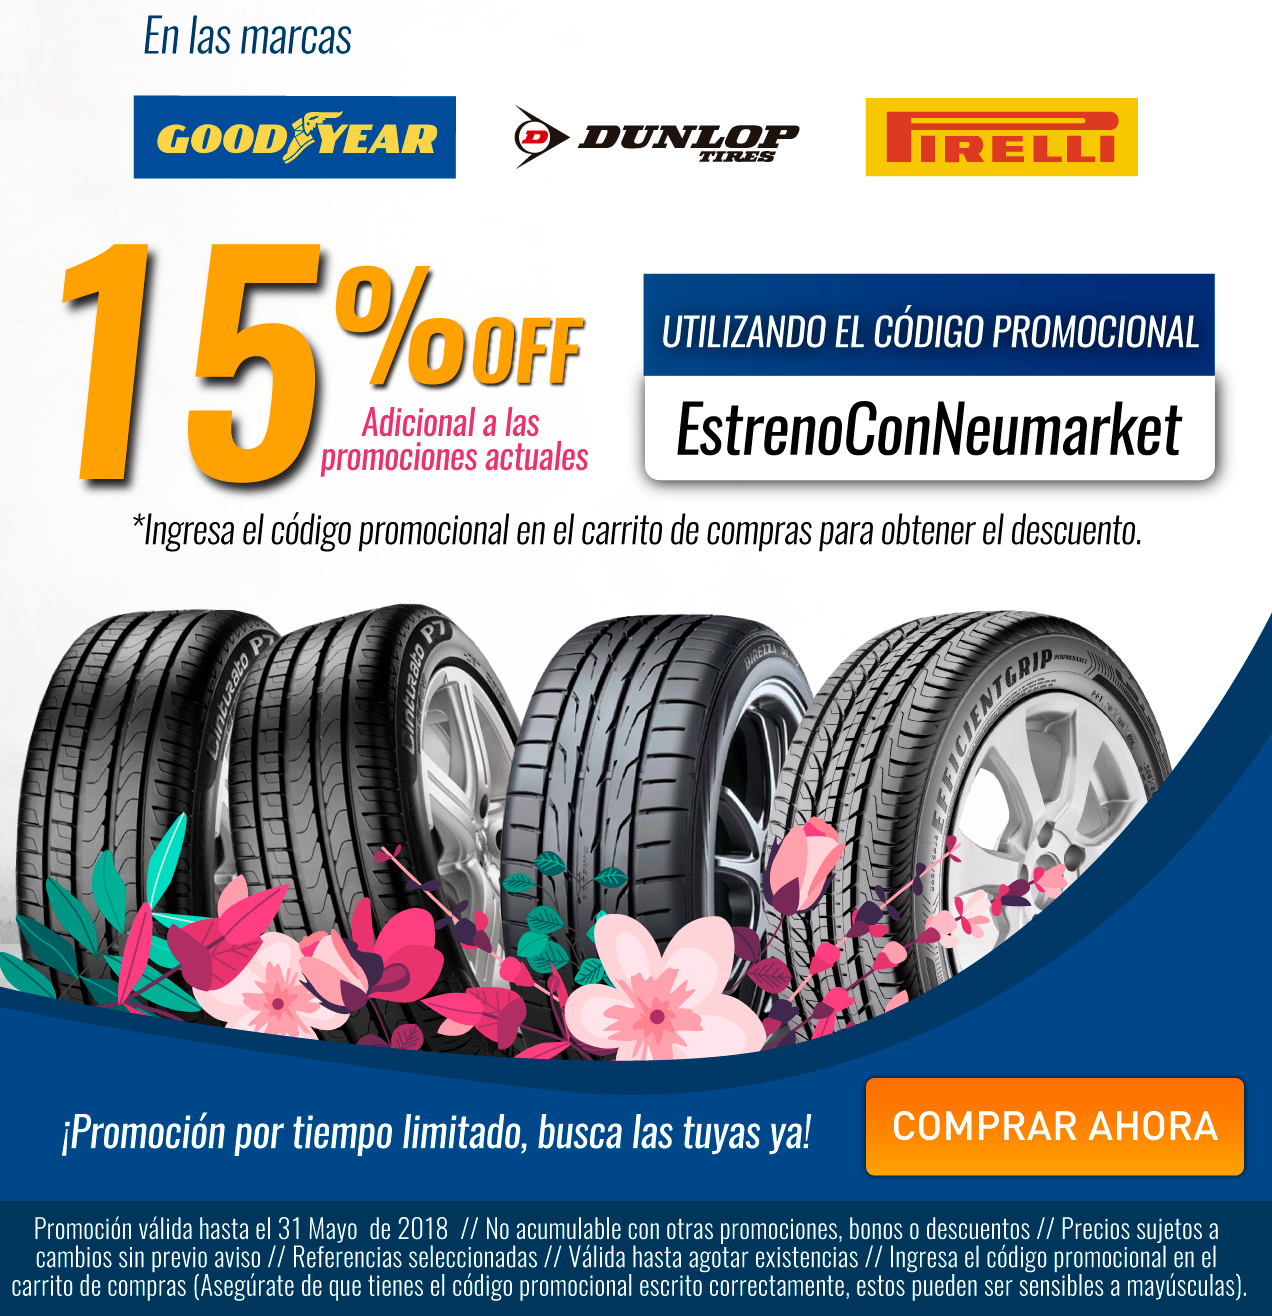 Promociones del mes Goodyear Dunlop Pirelli | llantas de alto desempeño | llantas económicas | llantas para automovil | llantas para carro | llantas nuevas | lllantas para camioneta | las mejores llantas